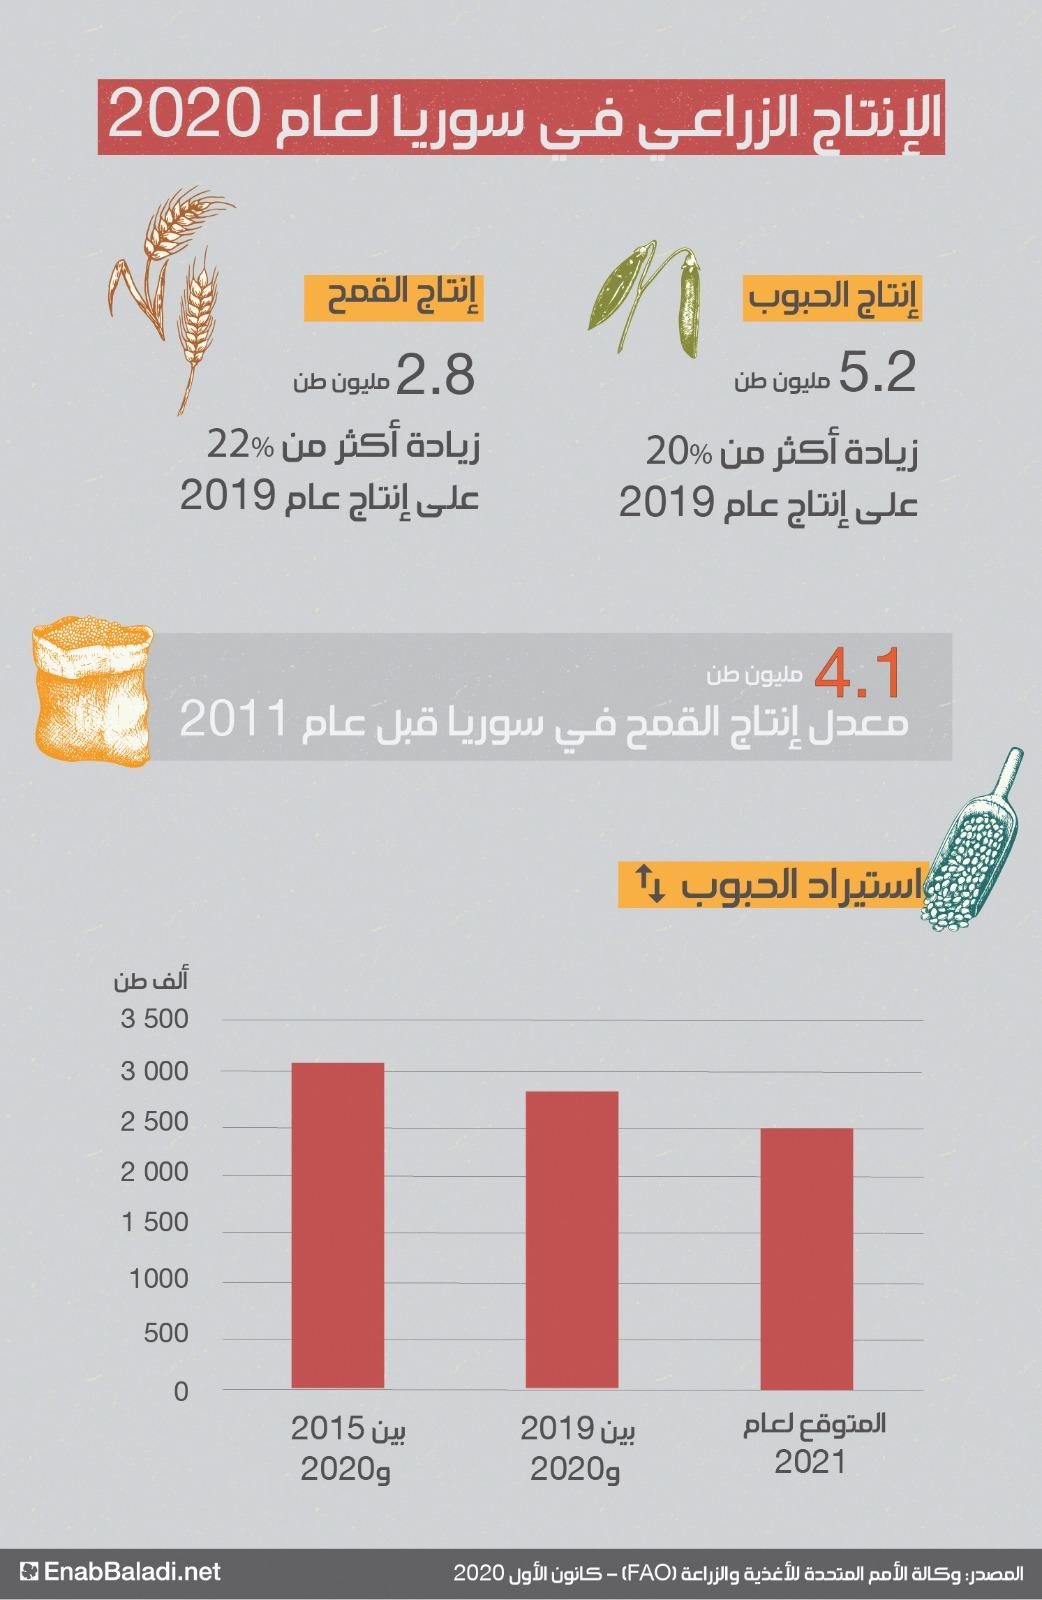 الإنتاج الزراعي في سوريا لعام 2020 (FAO)